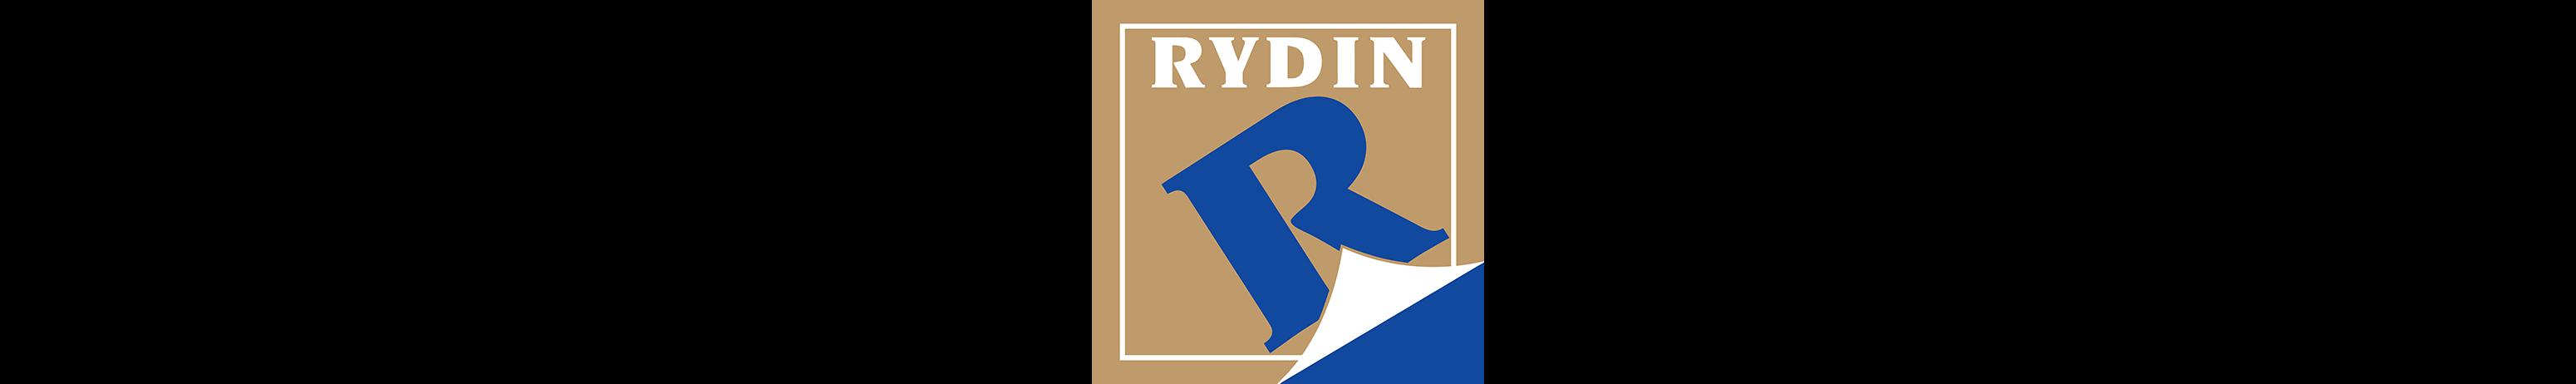 Rydin